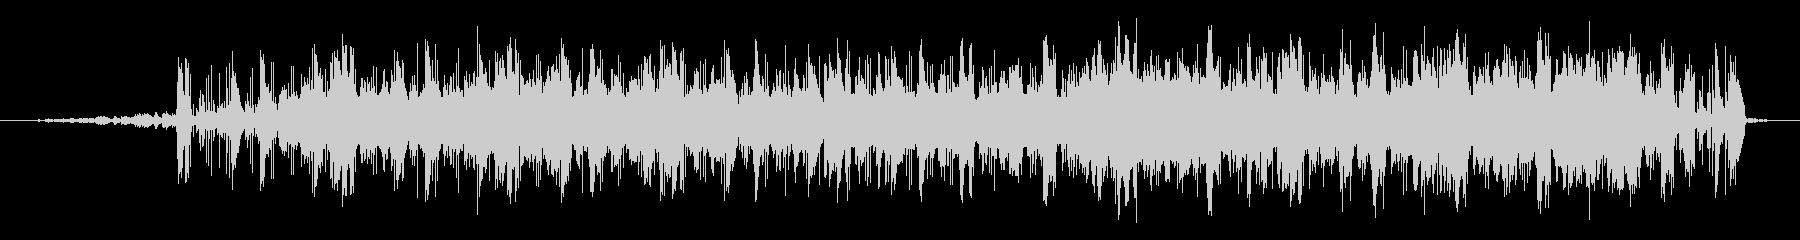 近未来的な映像に合うエレクトロニカの未再生の波形